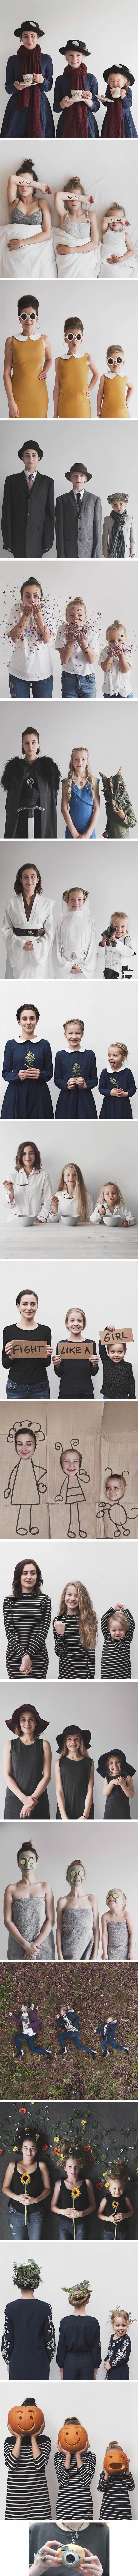 Mutter macht entzückende Fotos mit ihren zwei Töchtern in der zusammenpassenden Kleidung – Ellise M.